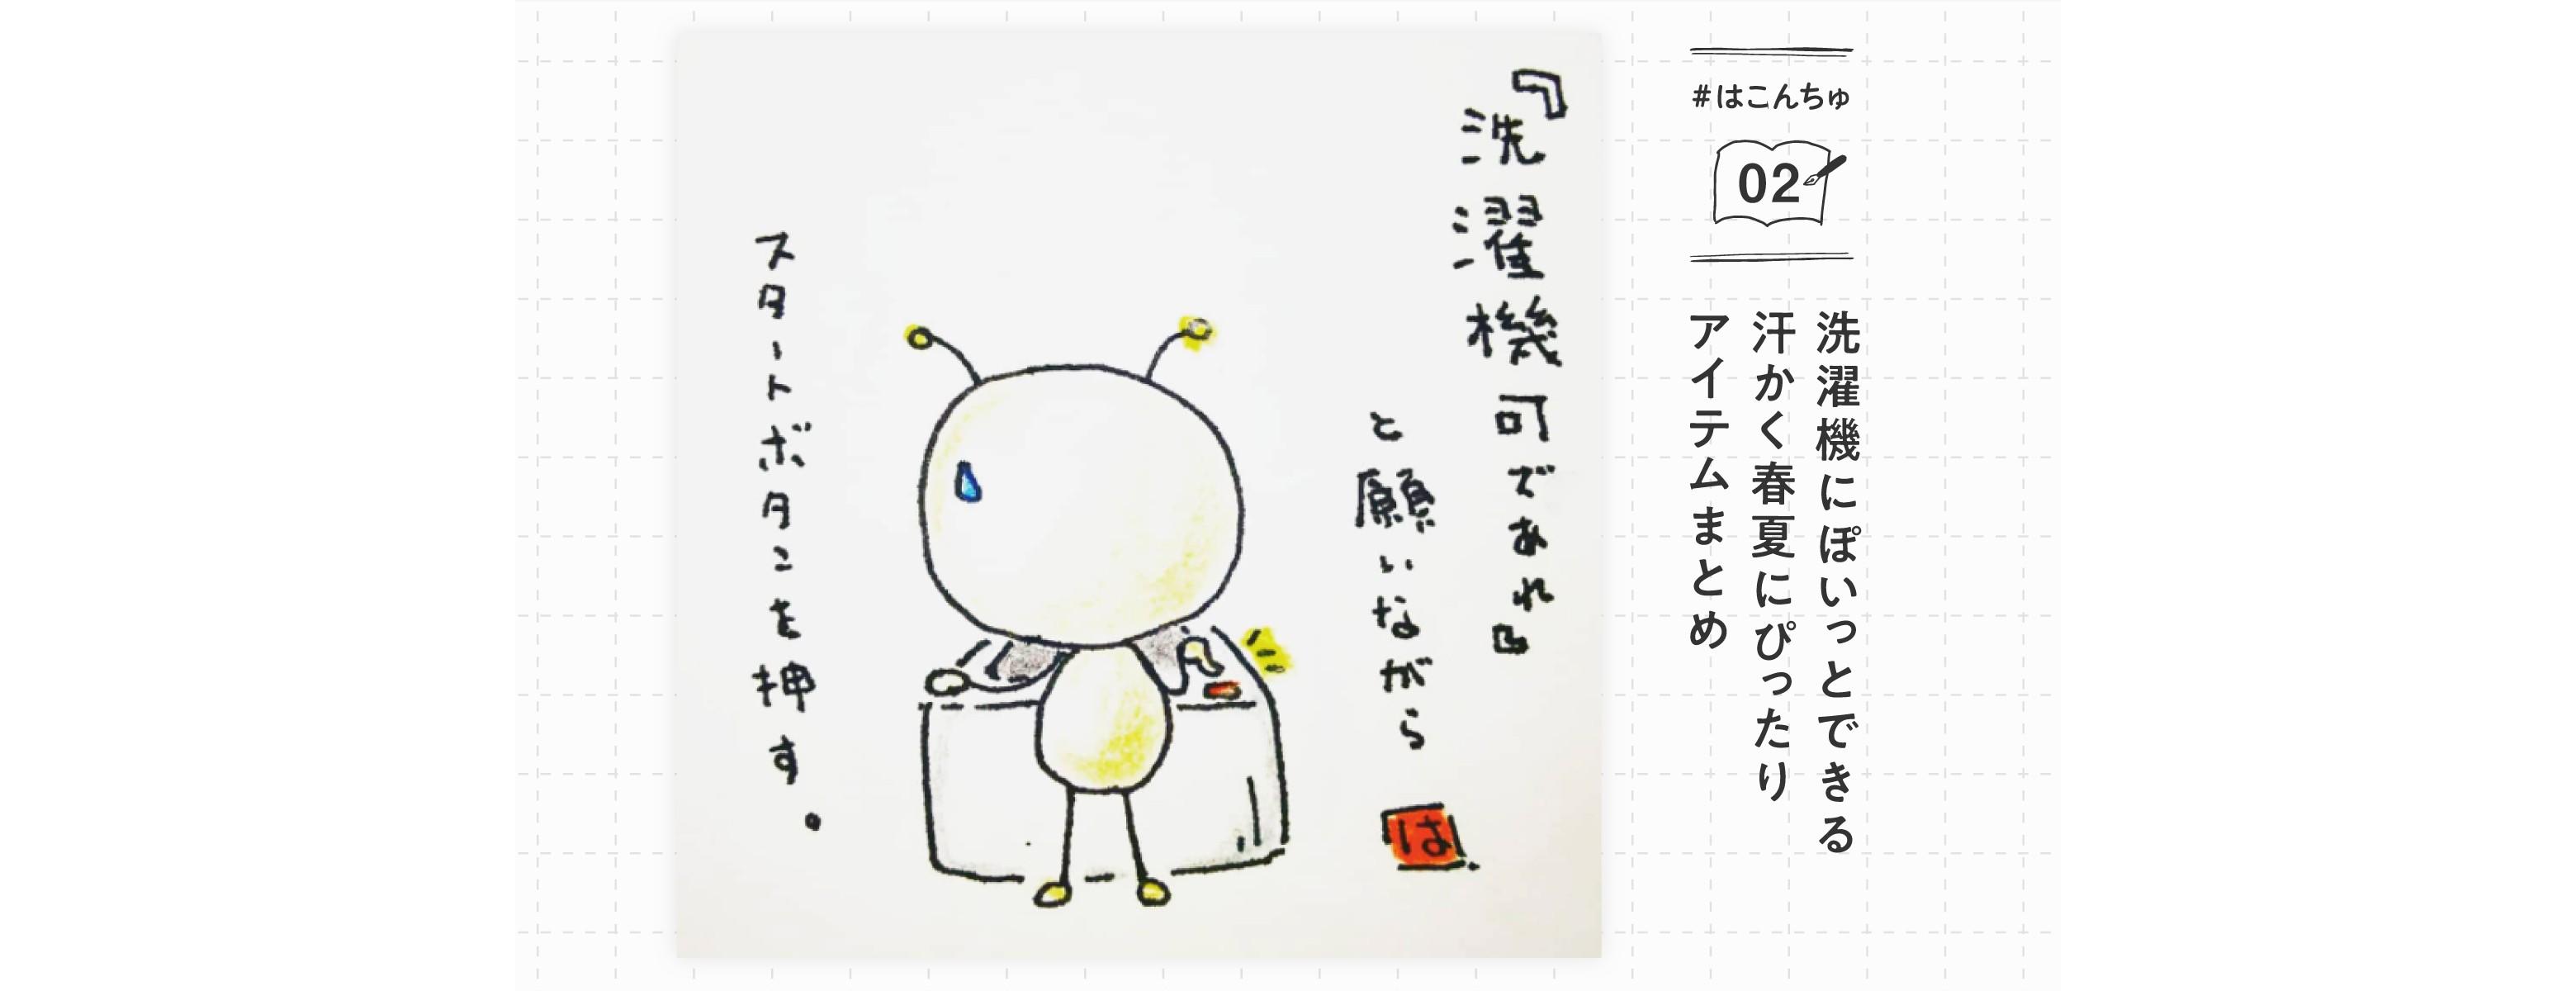 #はこんちゅ漫画 02